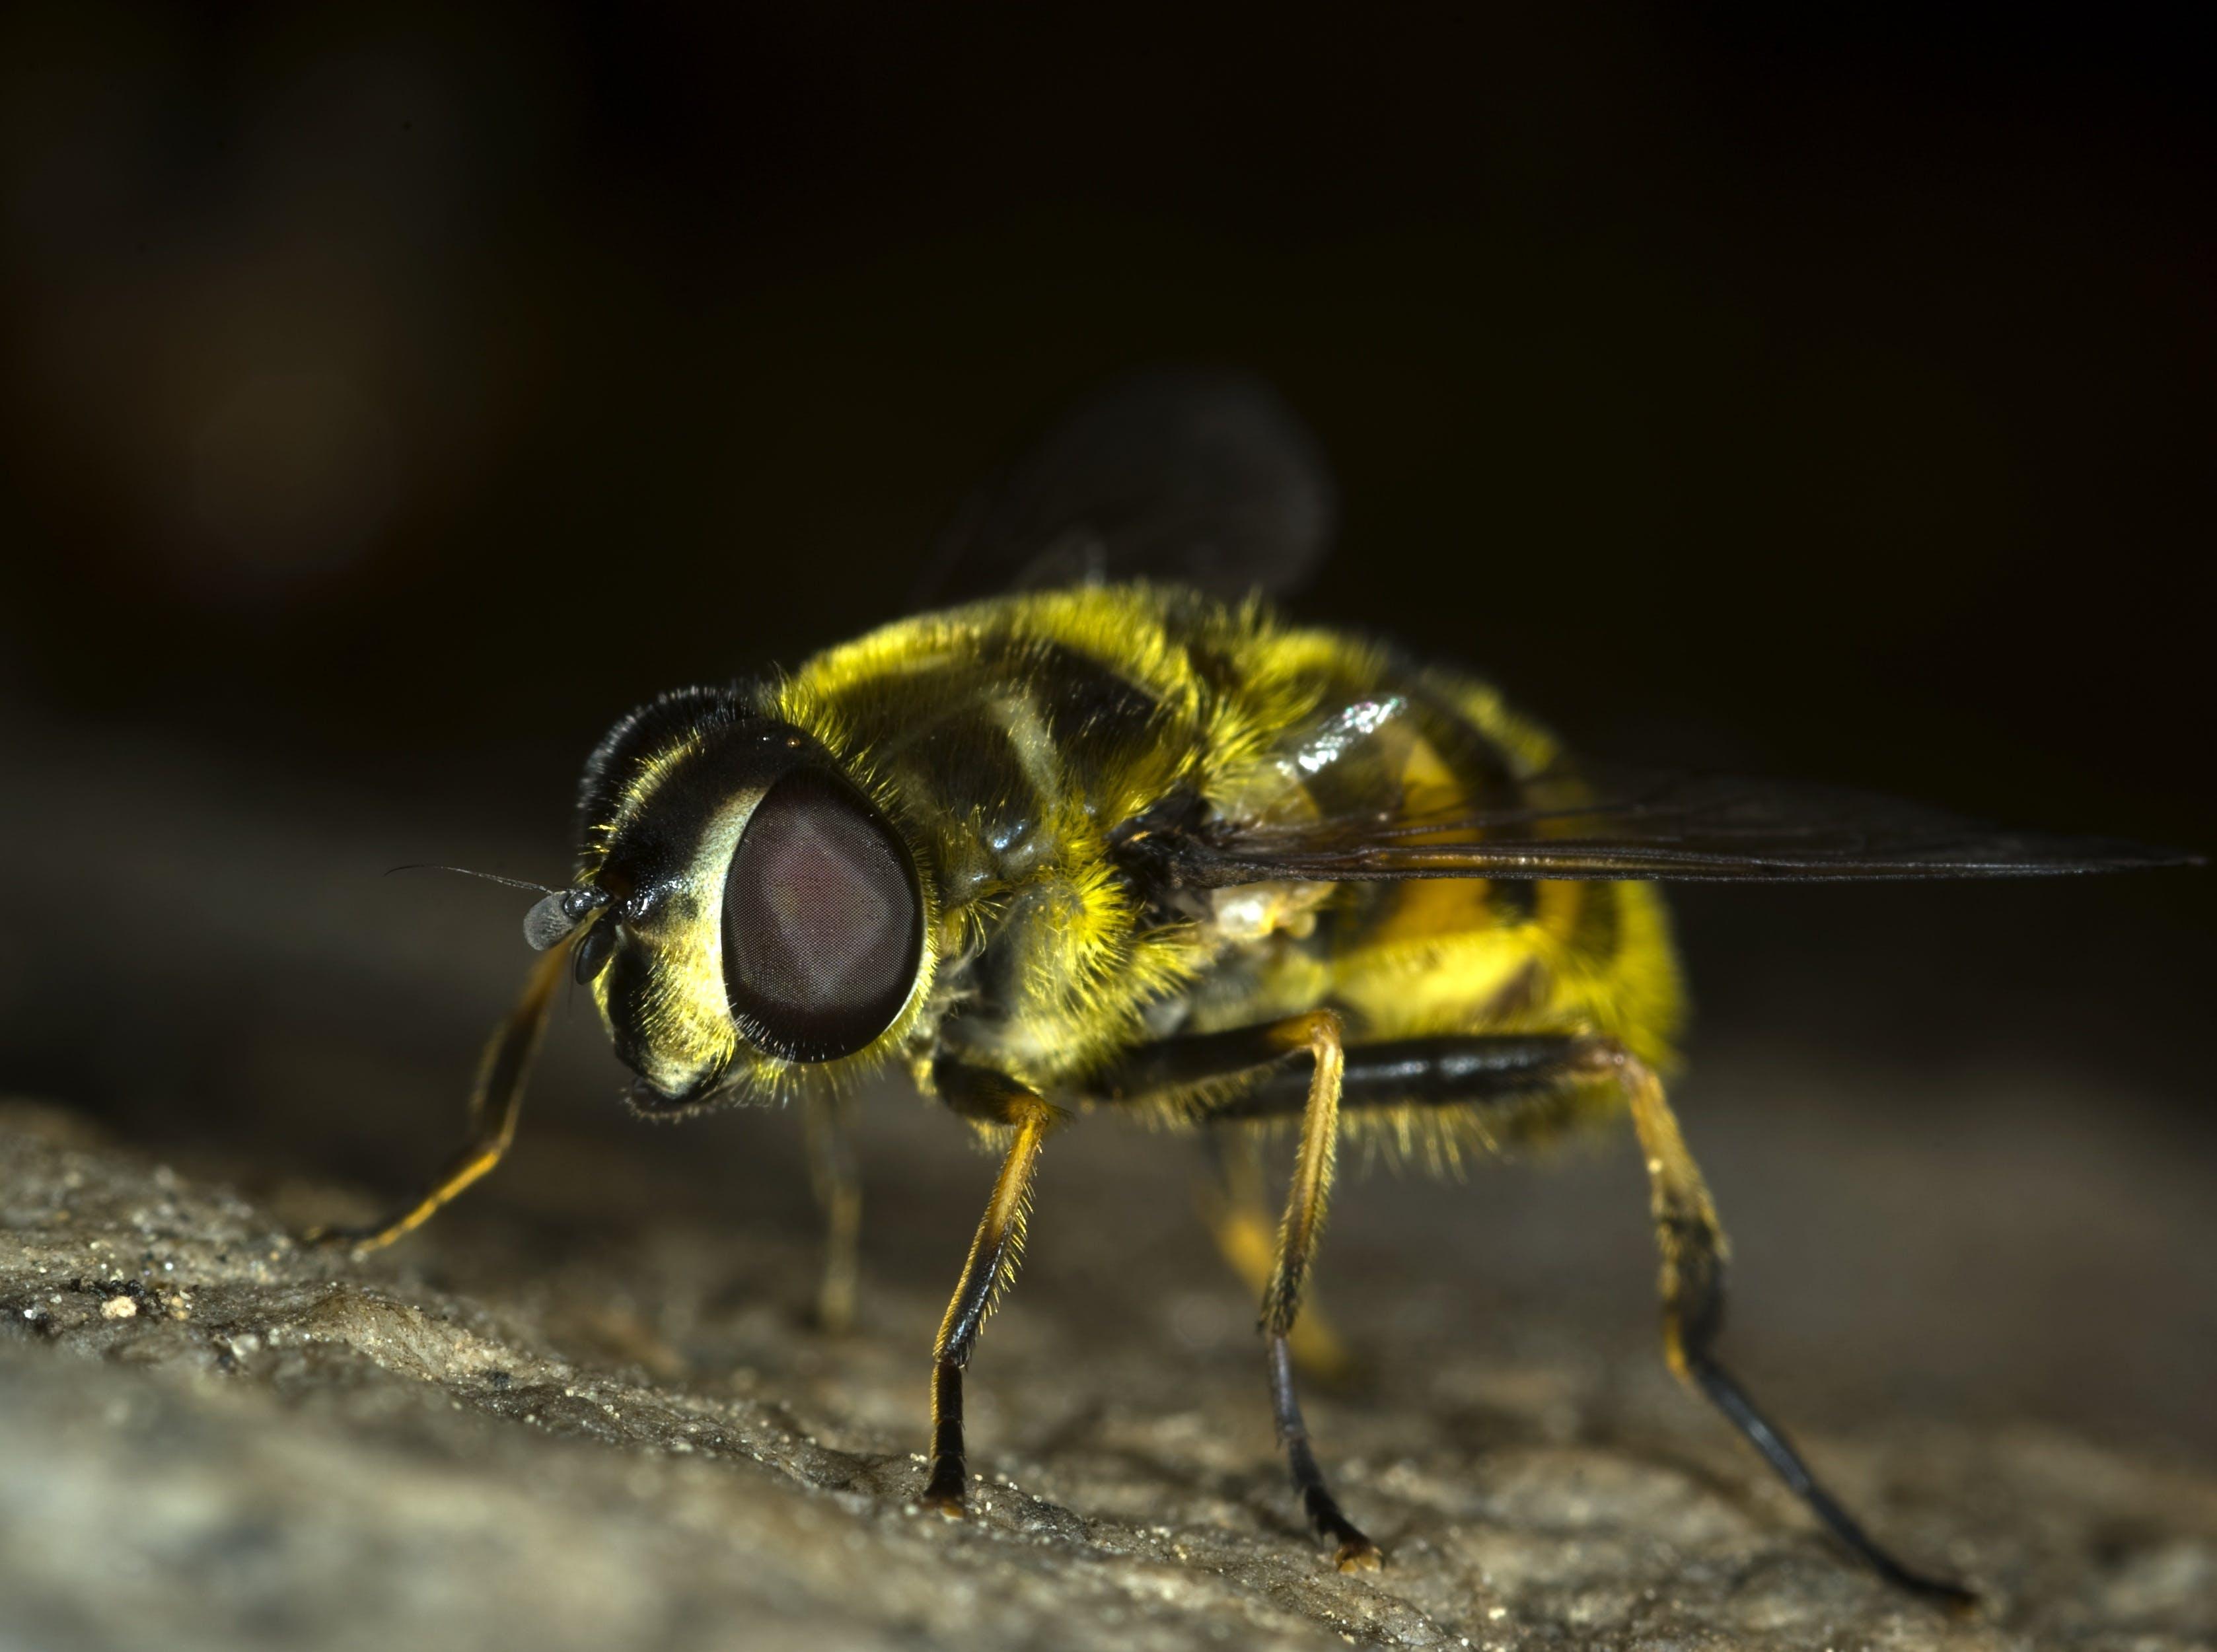 bug, close-up, compound eye